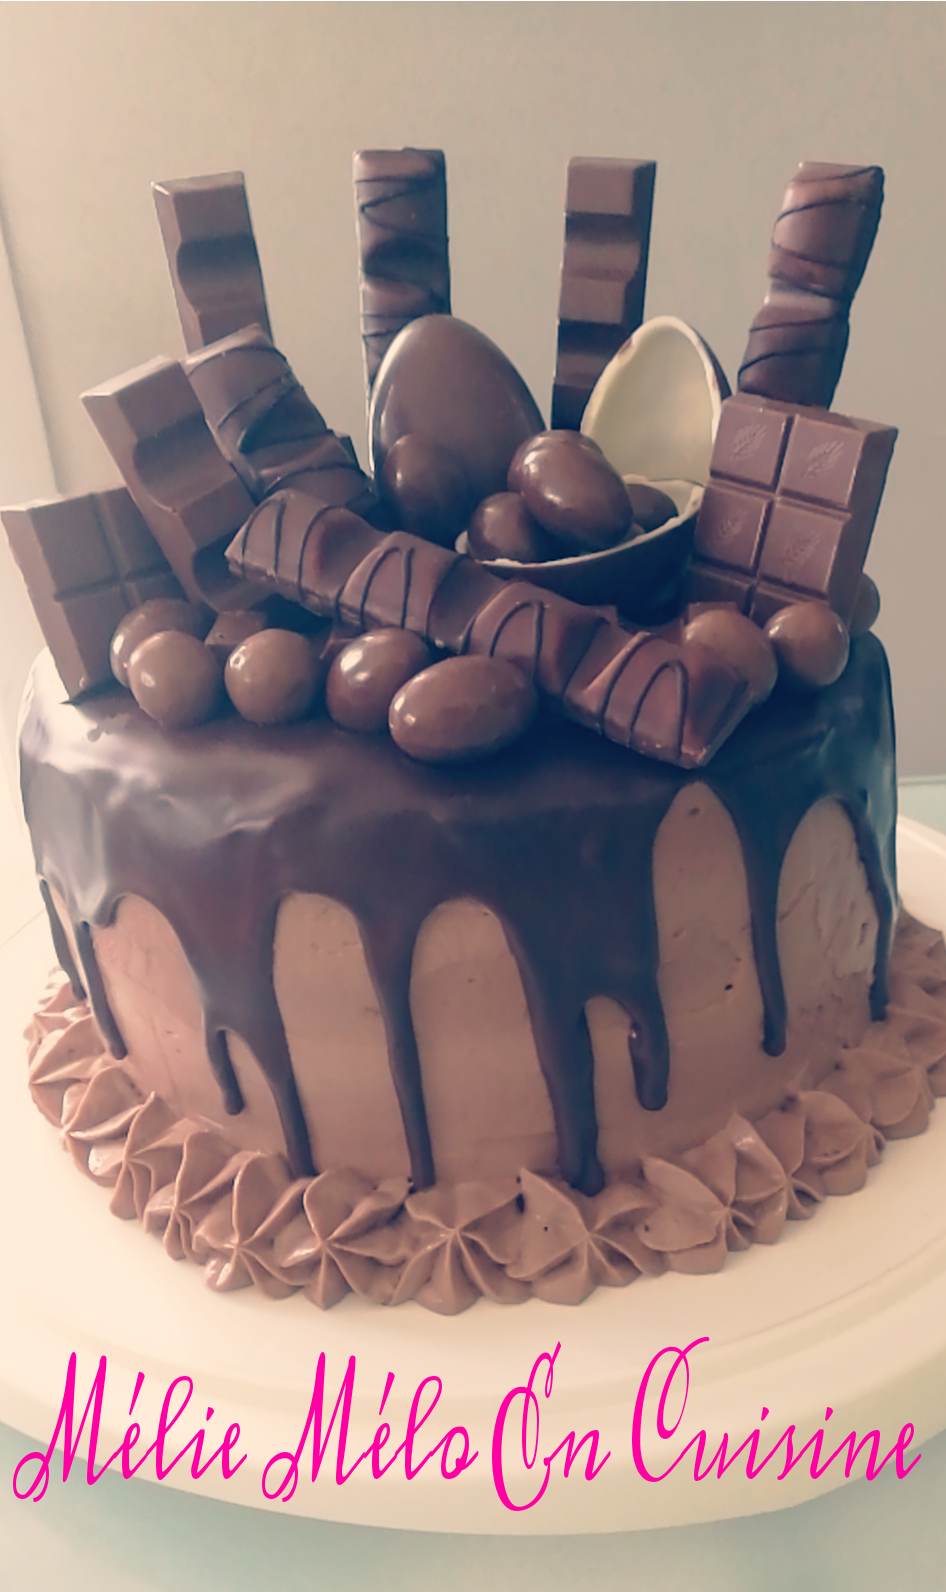 Célèbre layer cake tout kinder ( avec ou sans thermomix ) - Mélie mélo en  ES33